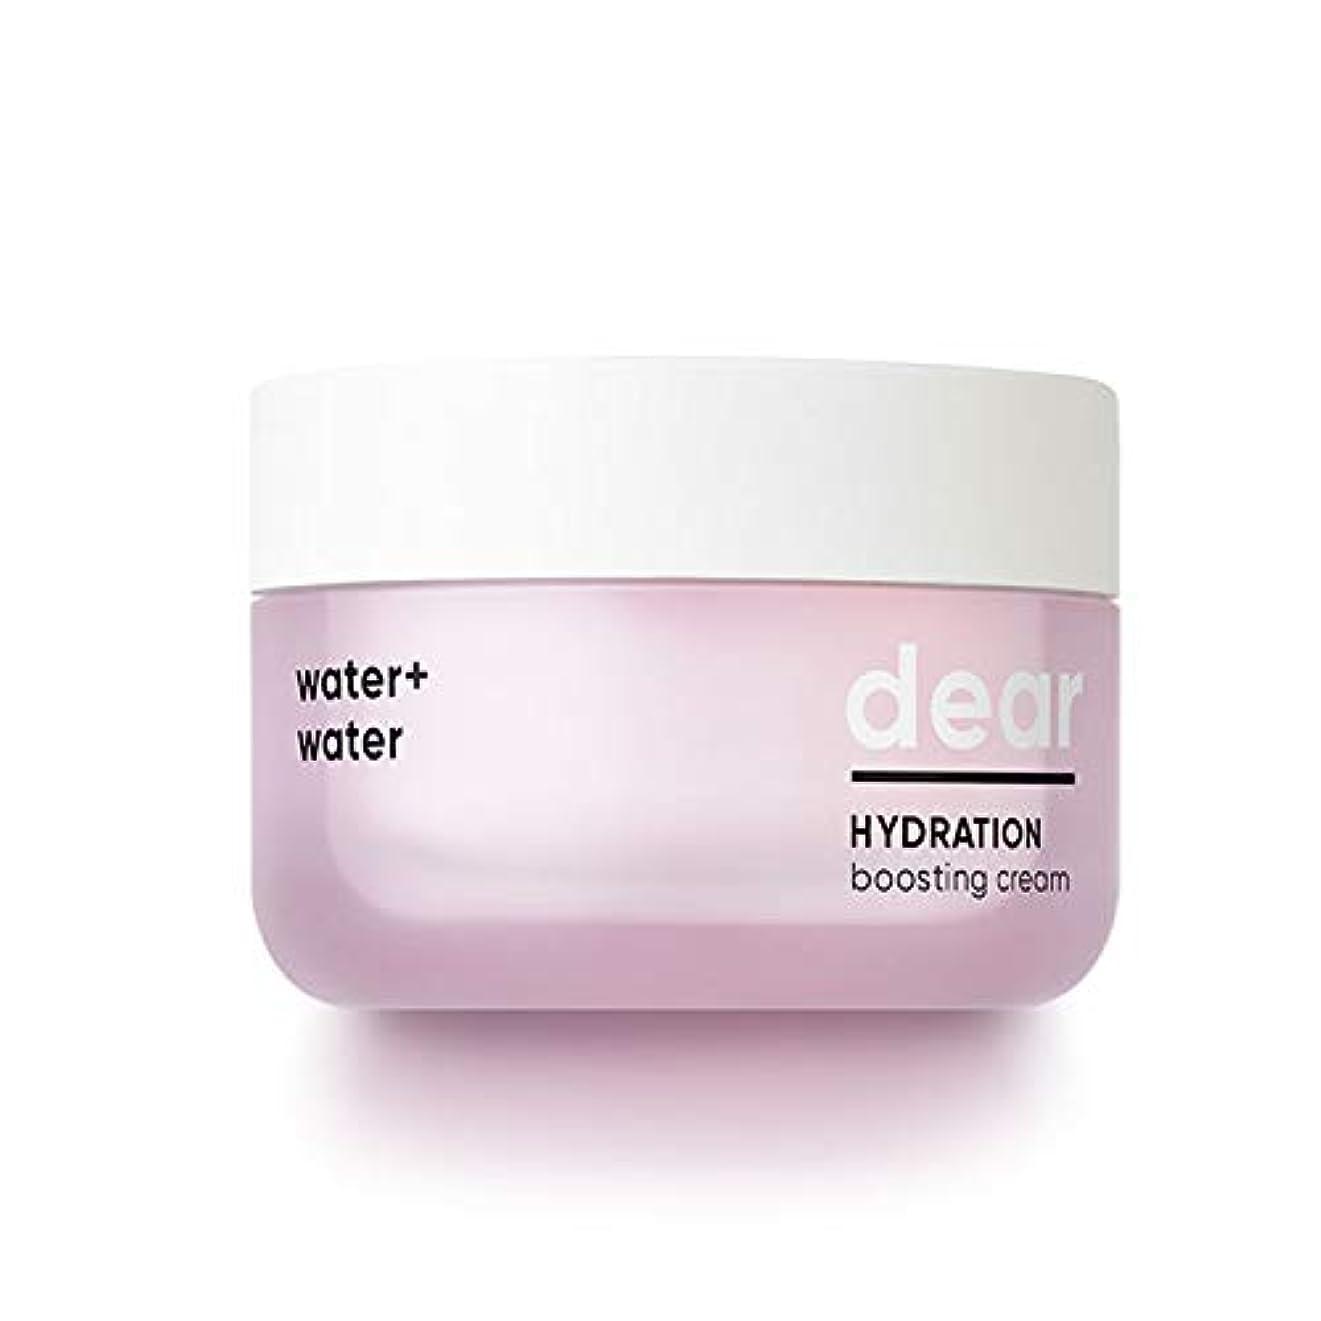 知り合いボールカナダBANILA CO(バニラコ) ディア ハイドレーション ブースティングクローム Dear Hydration Boosting Cream